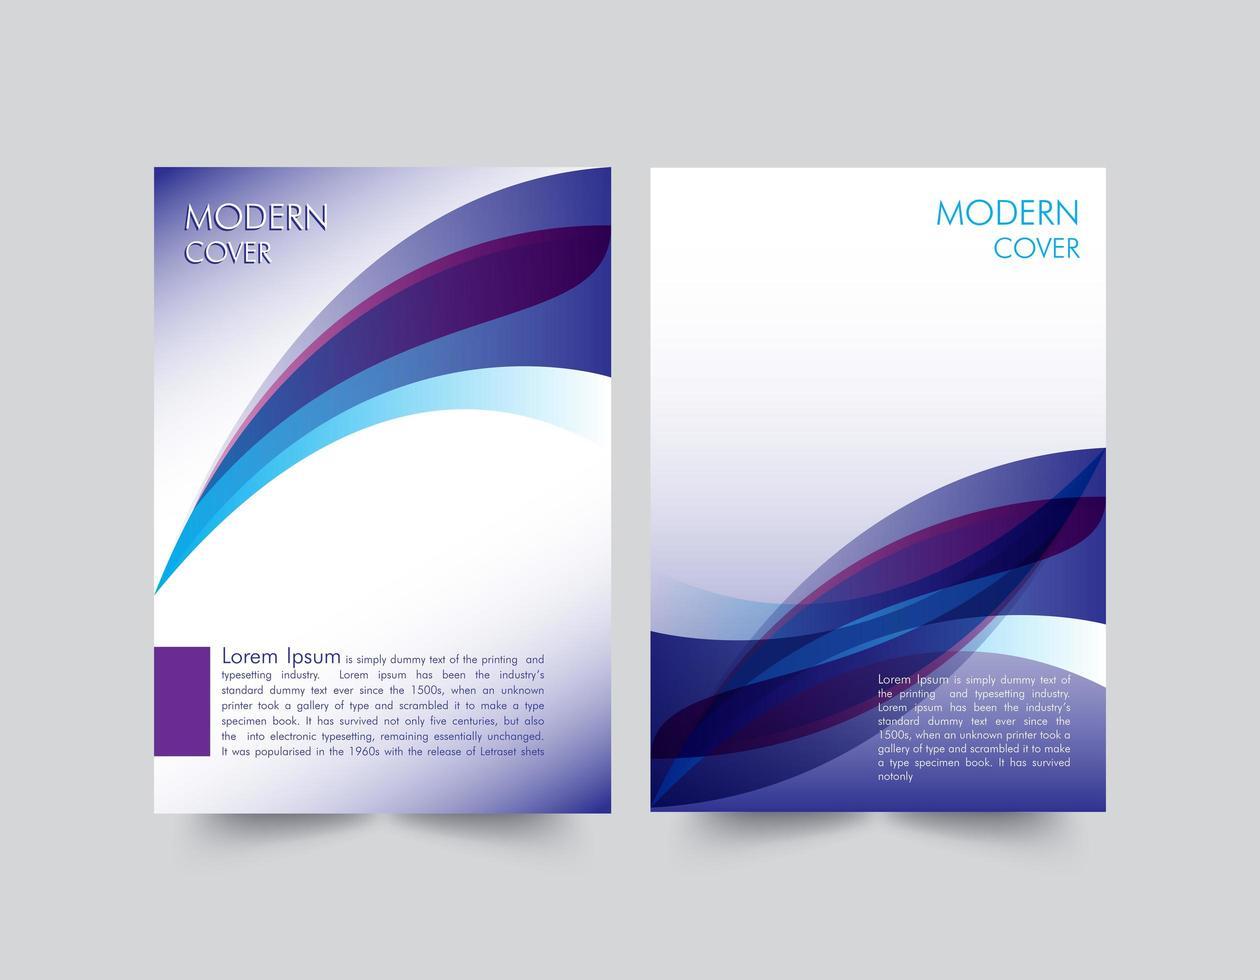 modèle de couverture de rapport bleu violet moderne vecteur